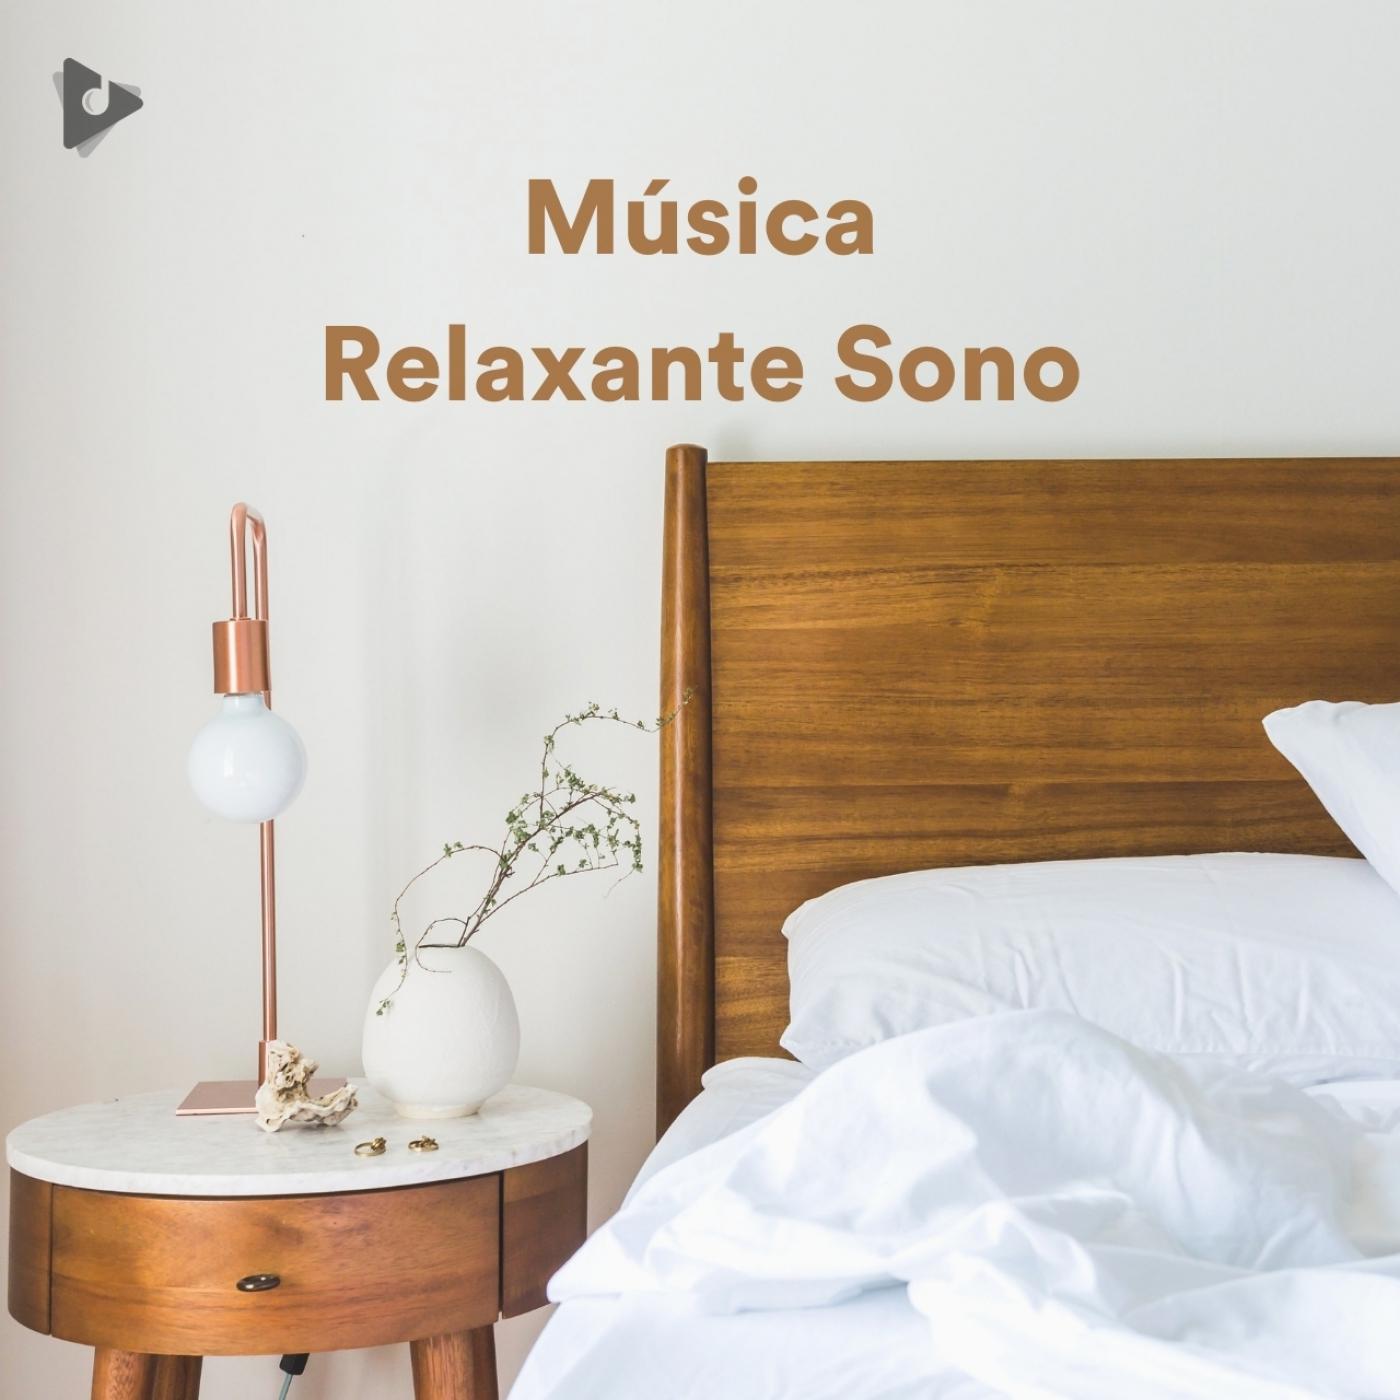 Música Relaxante Sono